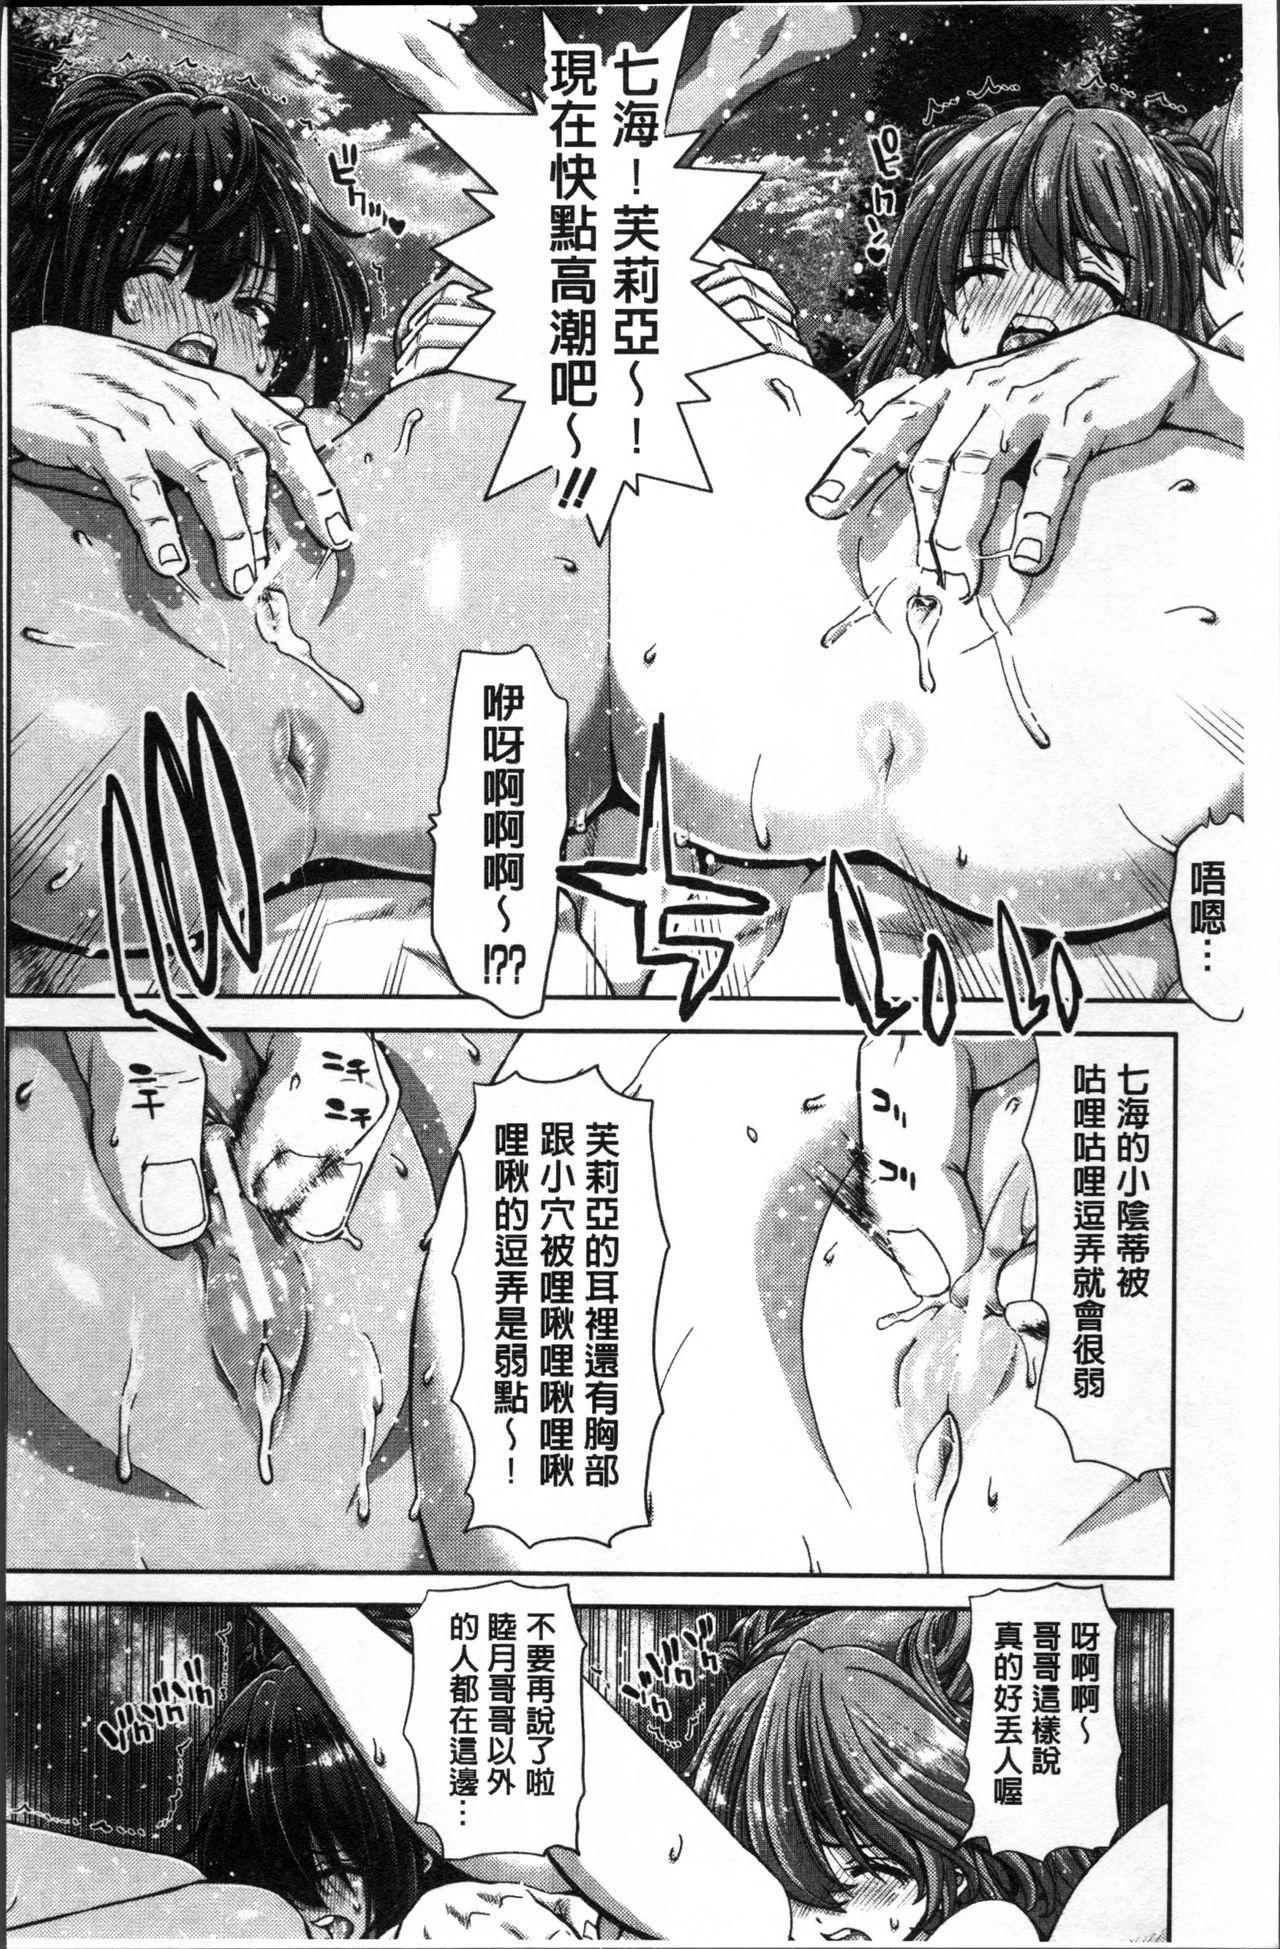 Imouto dakedo Oniichan, H Shiyo! H Shiyo! H Shiyou yo! 186